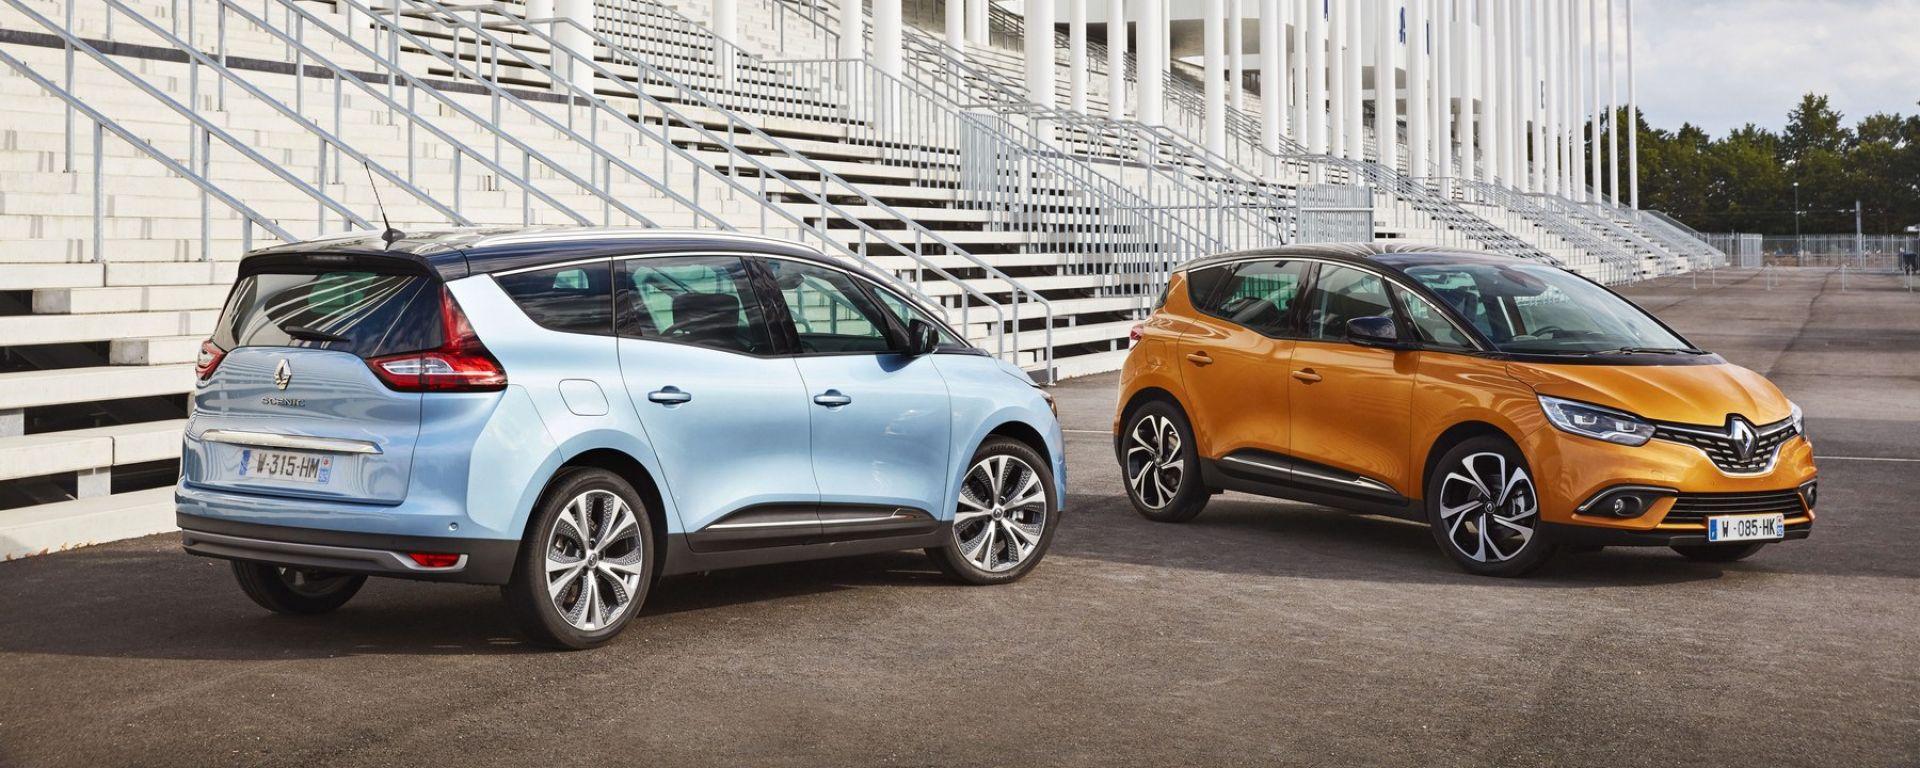 Nuove Renault Scenic e Grand Scenic